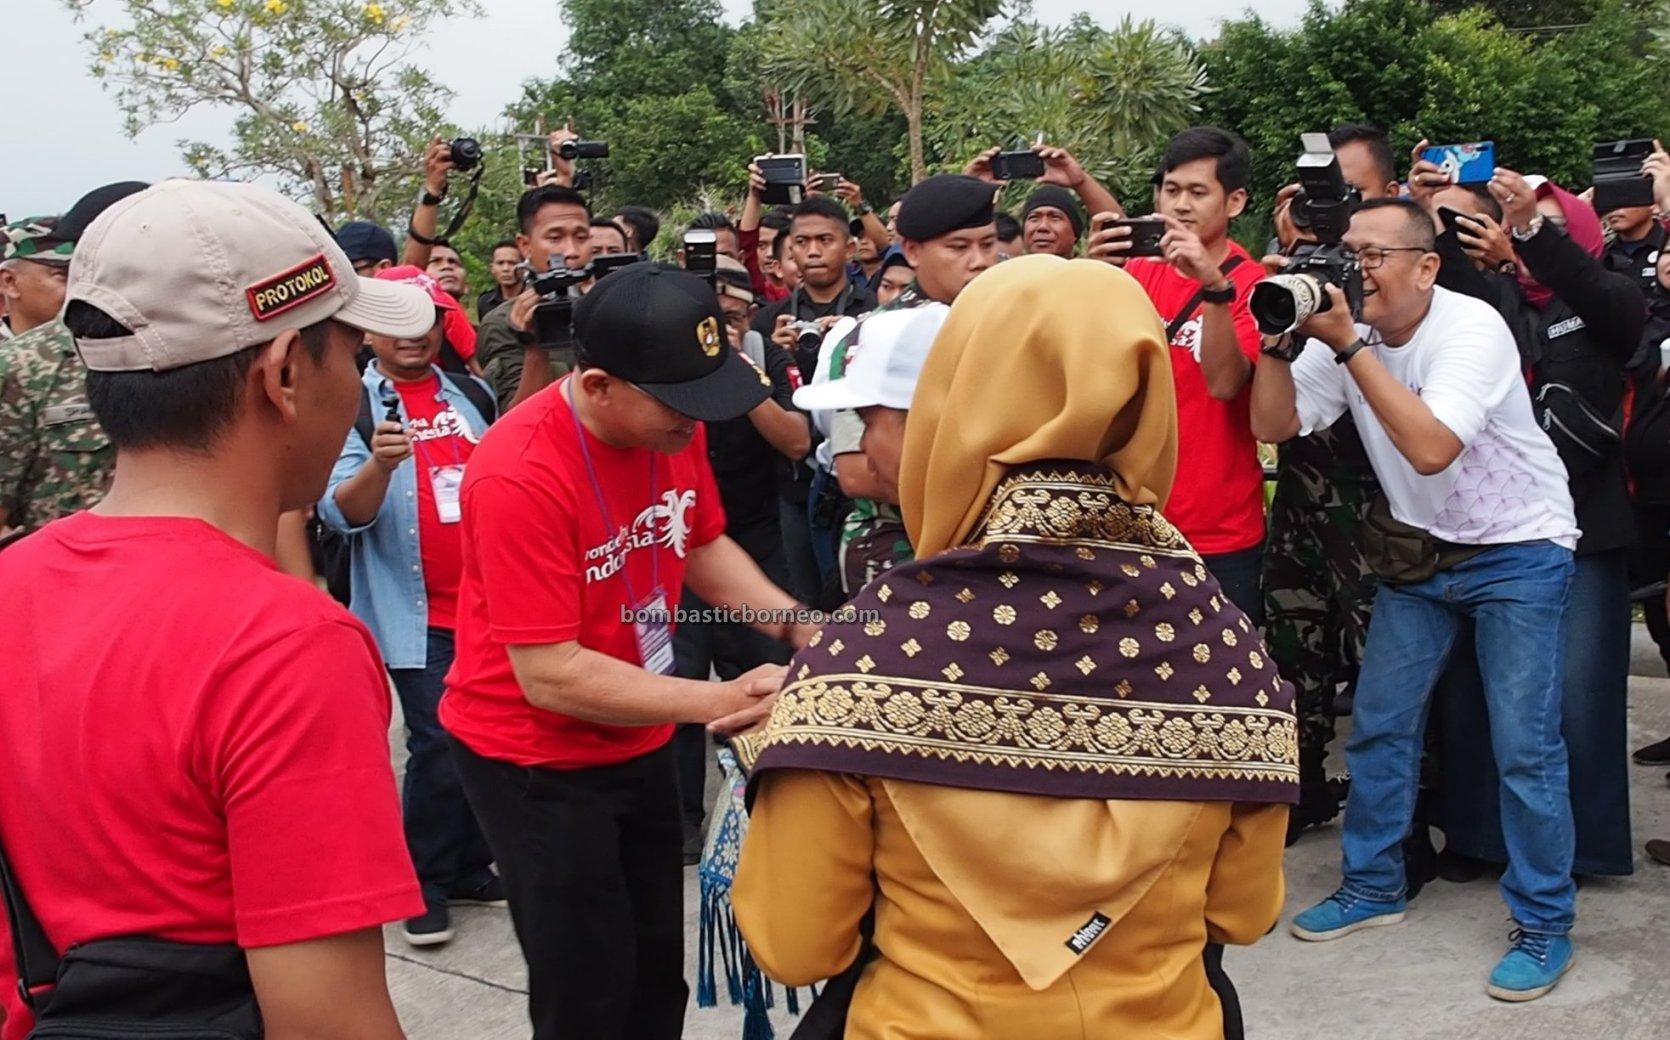 berbatasan Aruk, Biawak Aruk Border Post, Border crossing, culture, Indonesia, Pos Lintas Batas Negara, Sajingan Besar, Tourism, Aruk Imigrasi, Cross Border, festival wonderful, 跨境婆罗洲, 印尼西加里曼丹